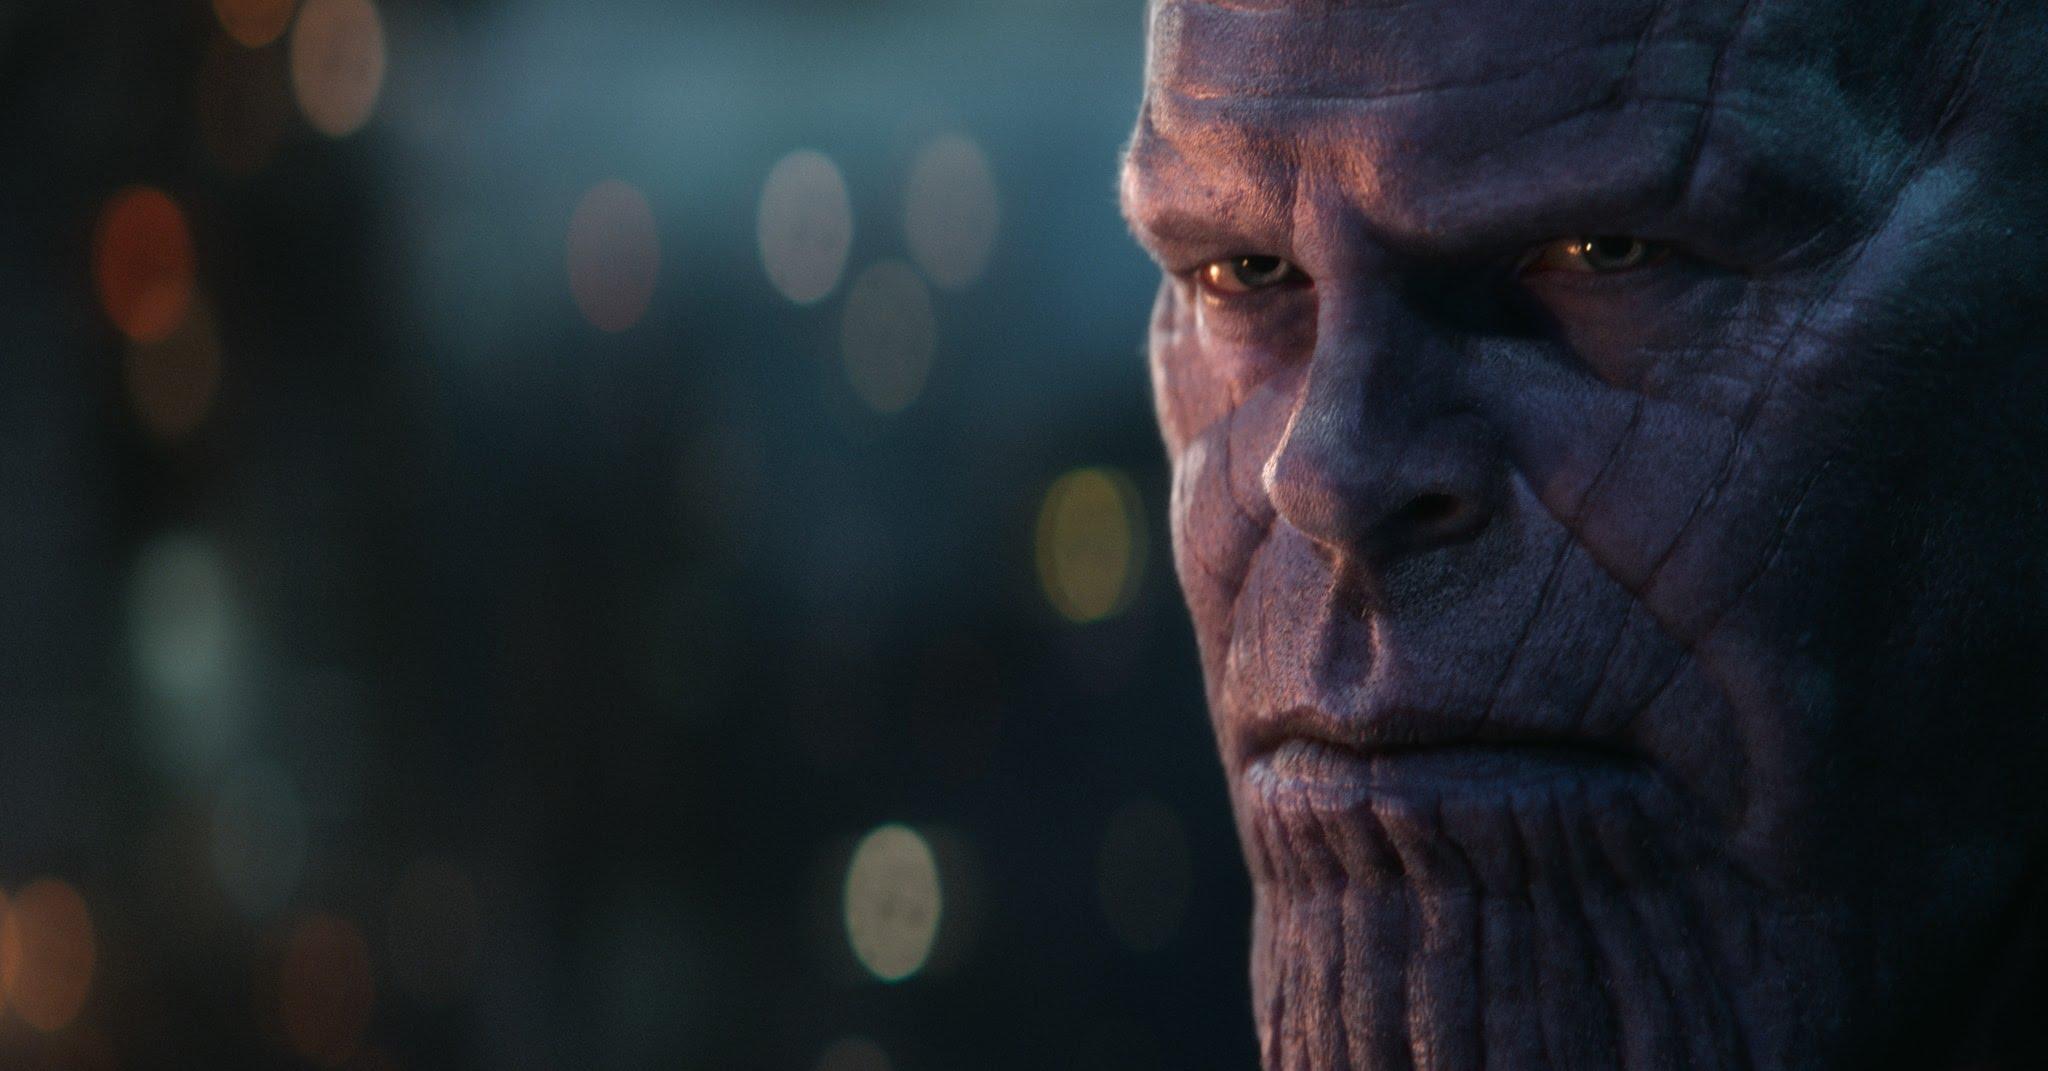 Avengers Endgame : マーベルのヒーロー大集合映画のクライマックス「アベンジャーズ : エンドゲーム」を特集するイギリスの映画マガジン エンパイアが、究極の勝利を果たした悪役サノスの栄光をたたえる限定版のカバー・アートをリリース ! !